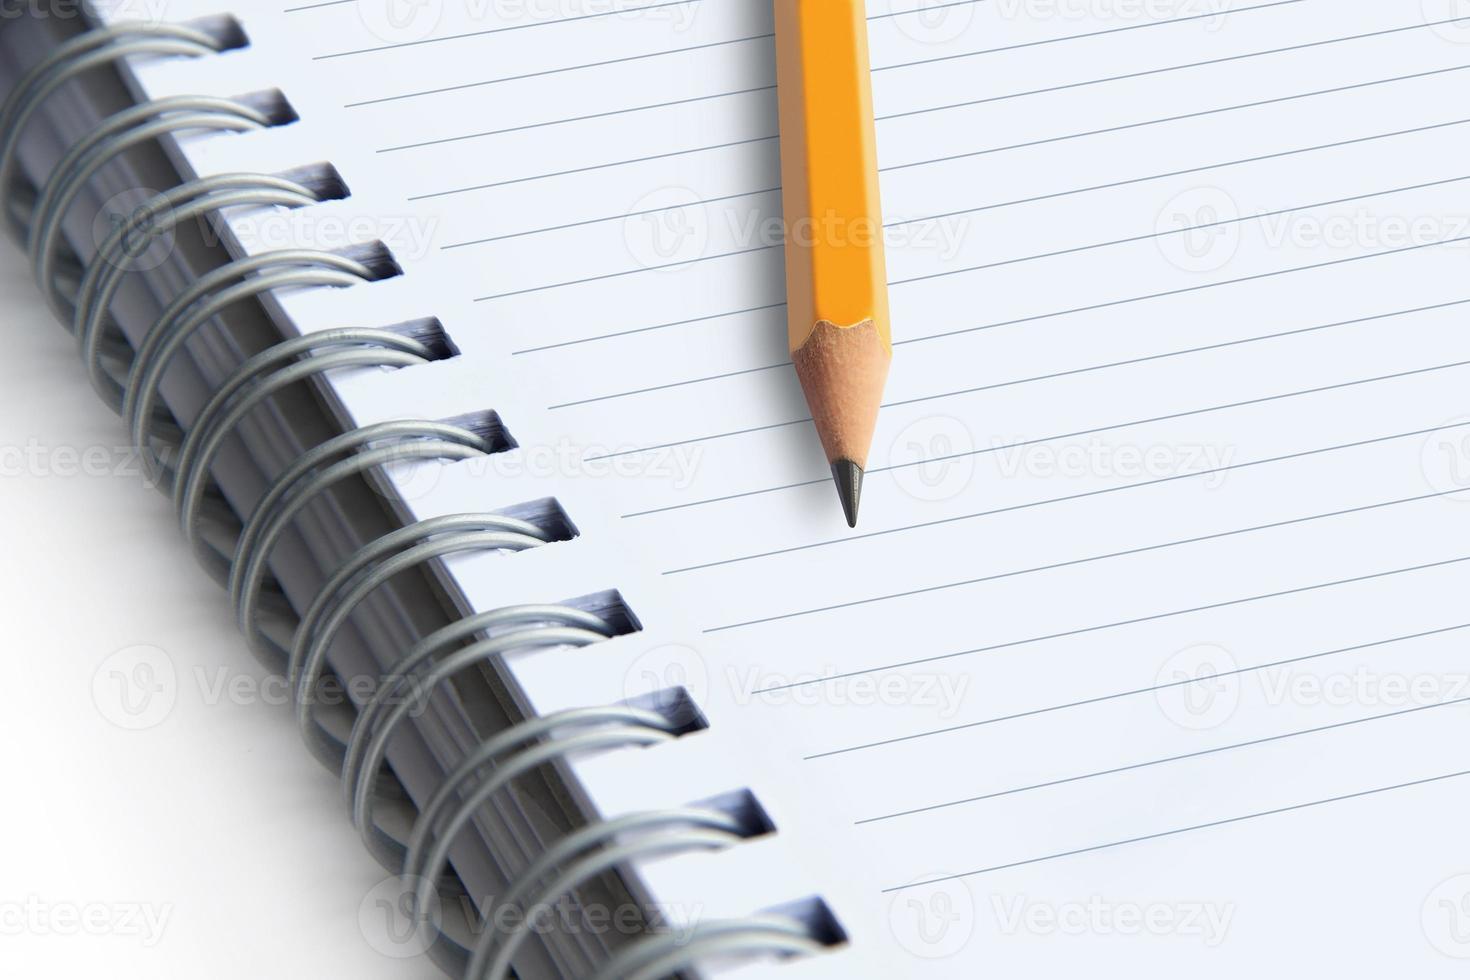 immagine di un quaderni e una matita su sfondo bianco, primo piano foto